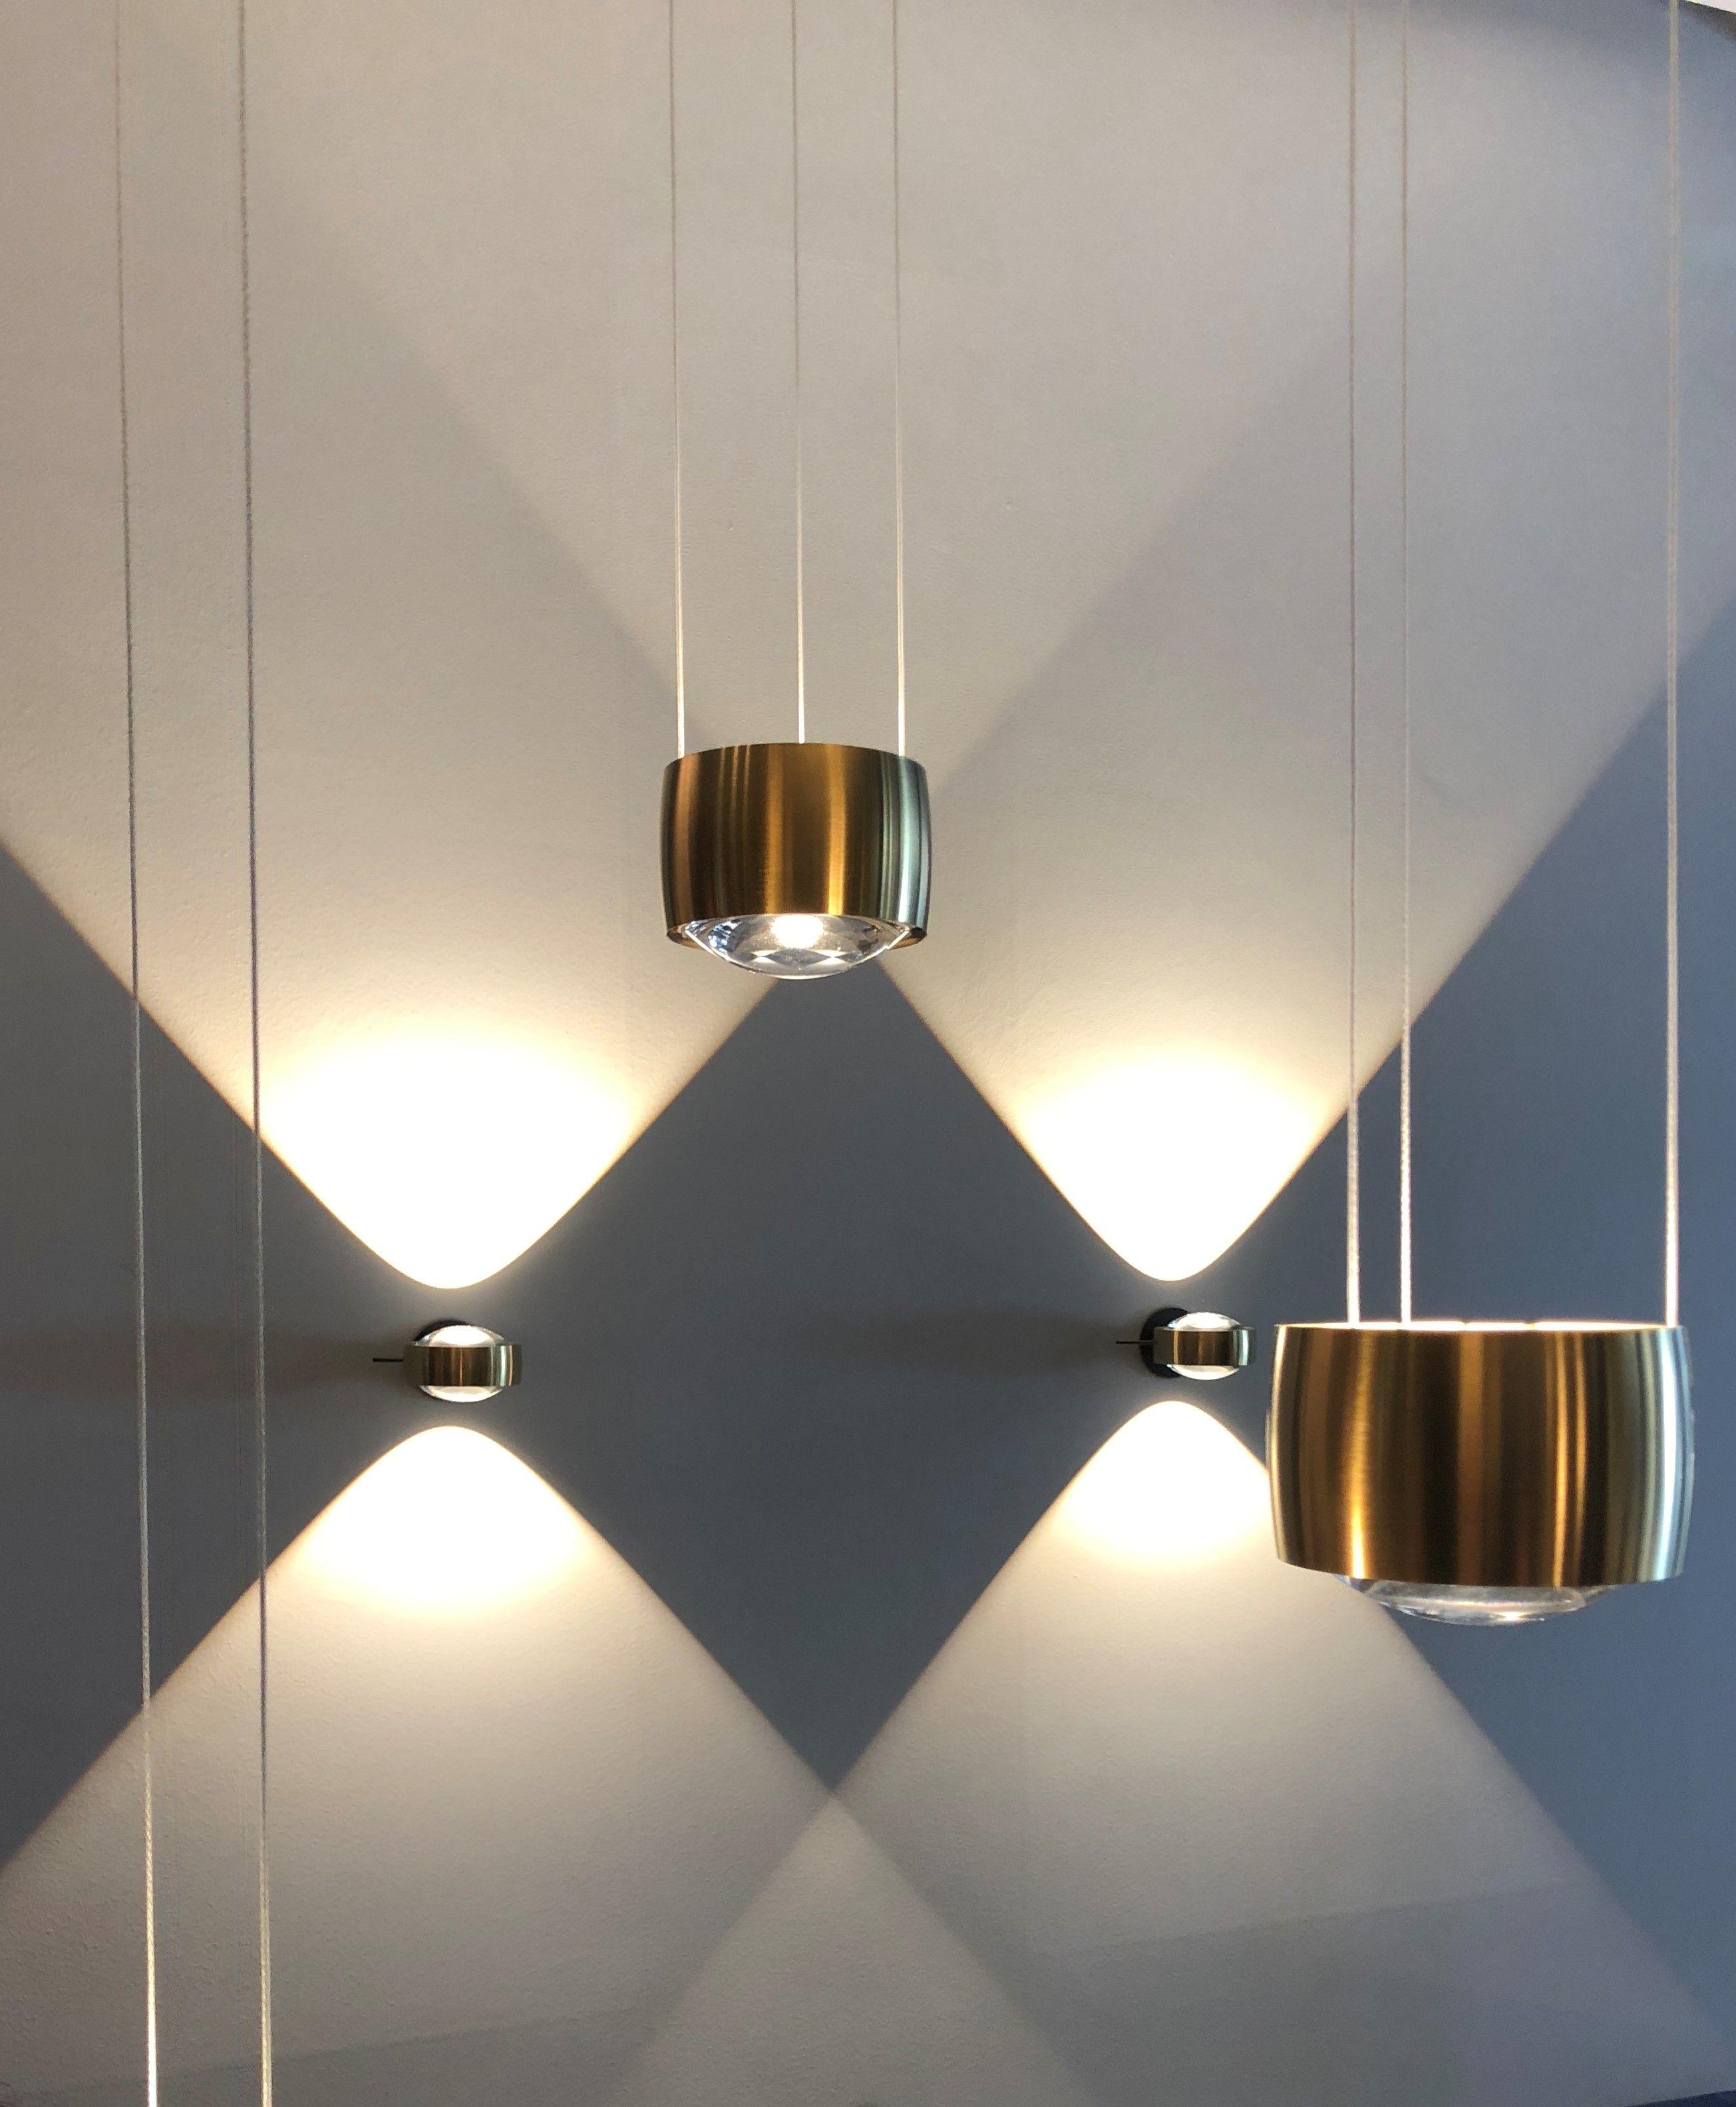 Occhio Sento Sospeso Beleuchtung Wohnzimmer Deckenlampe Wandtisch